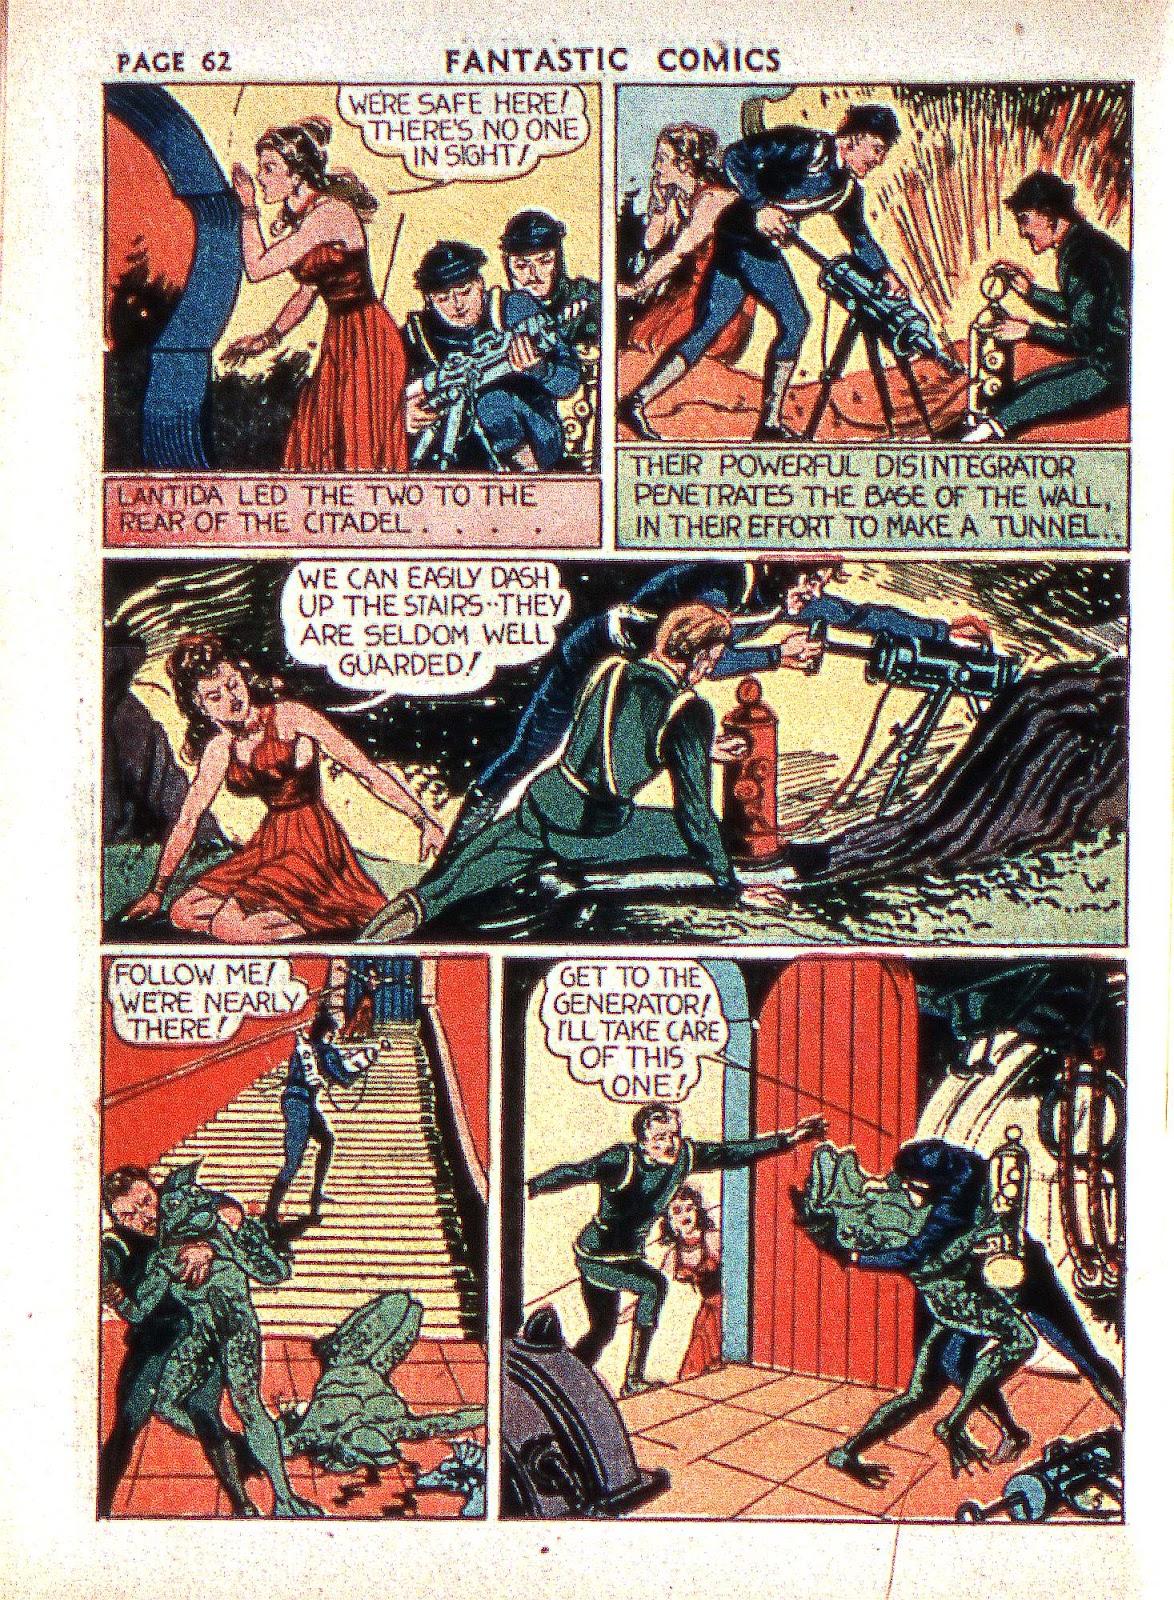 Read online Fantastic Comics comic -  Issue #2 - 63